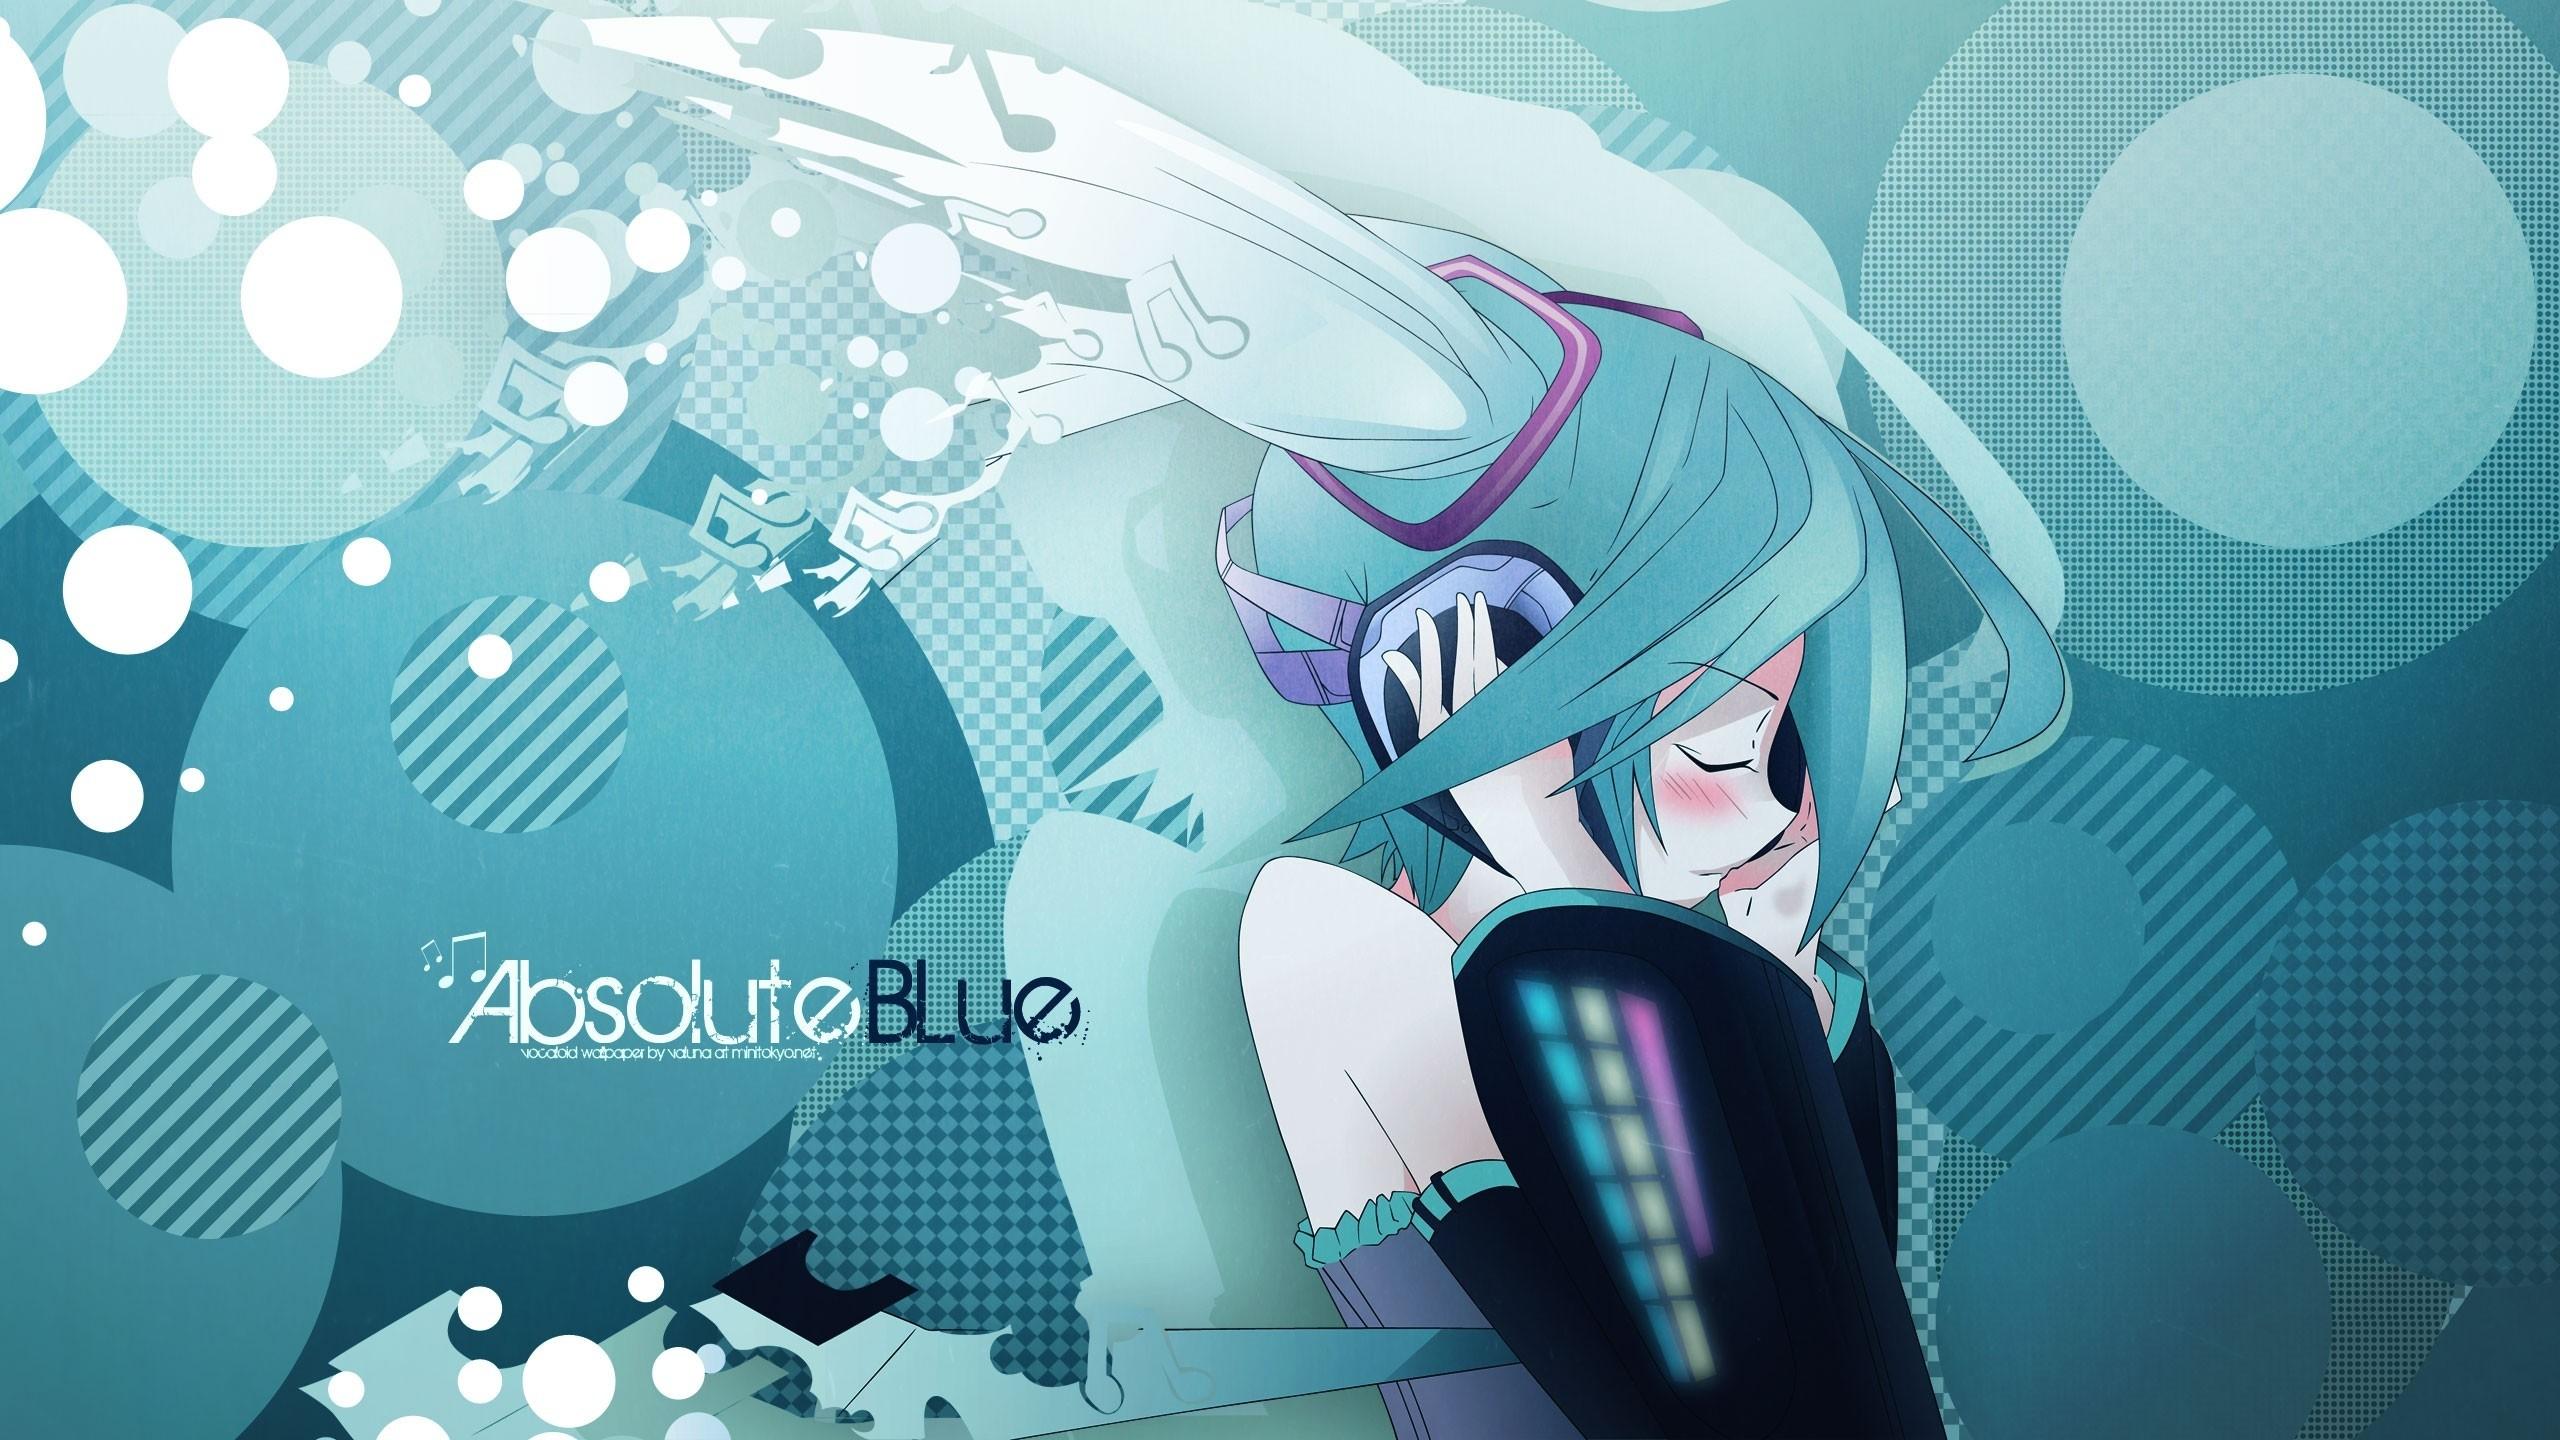 Wallpaper hatsune miku, girl, headphones, water, music